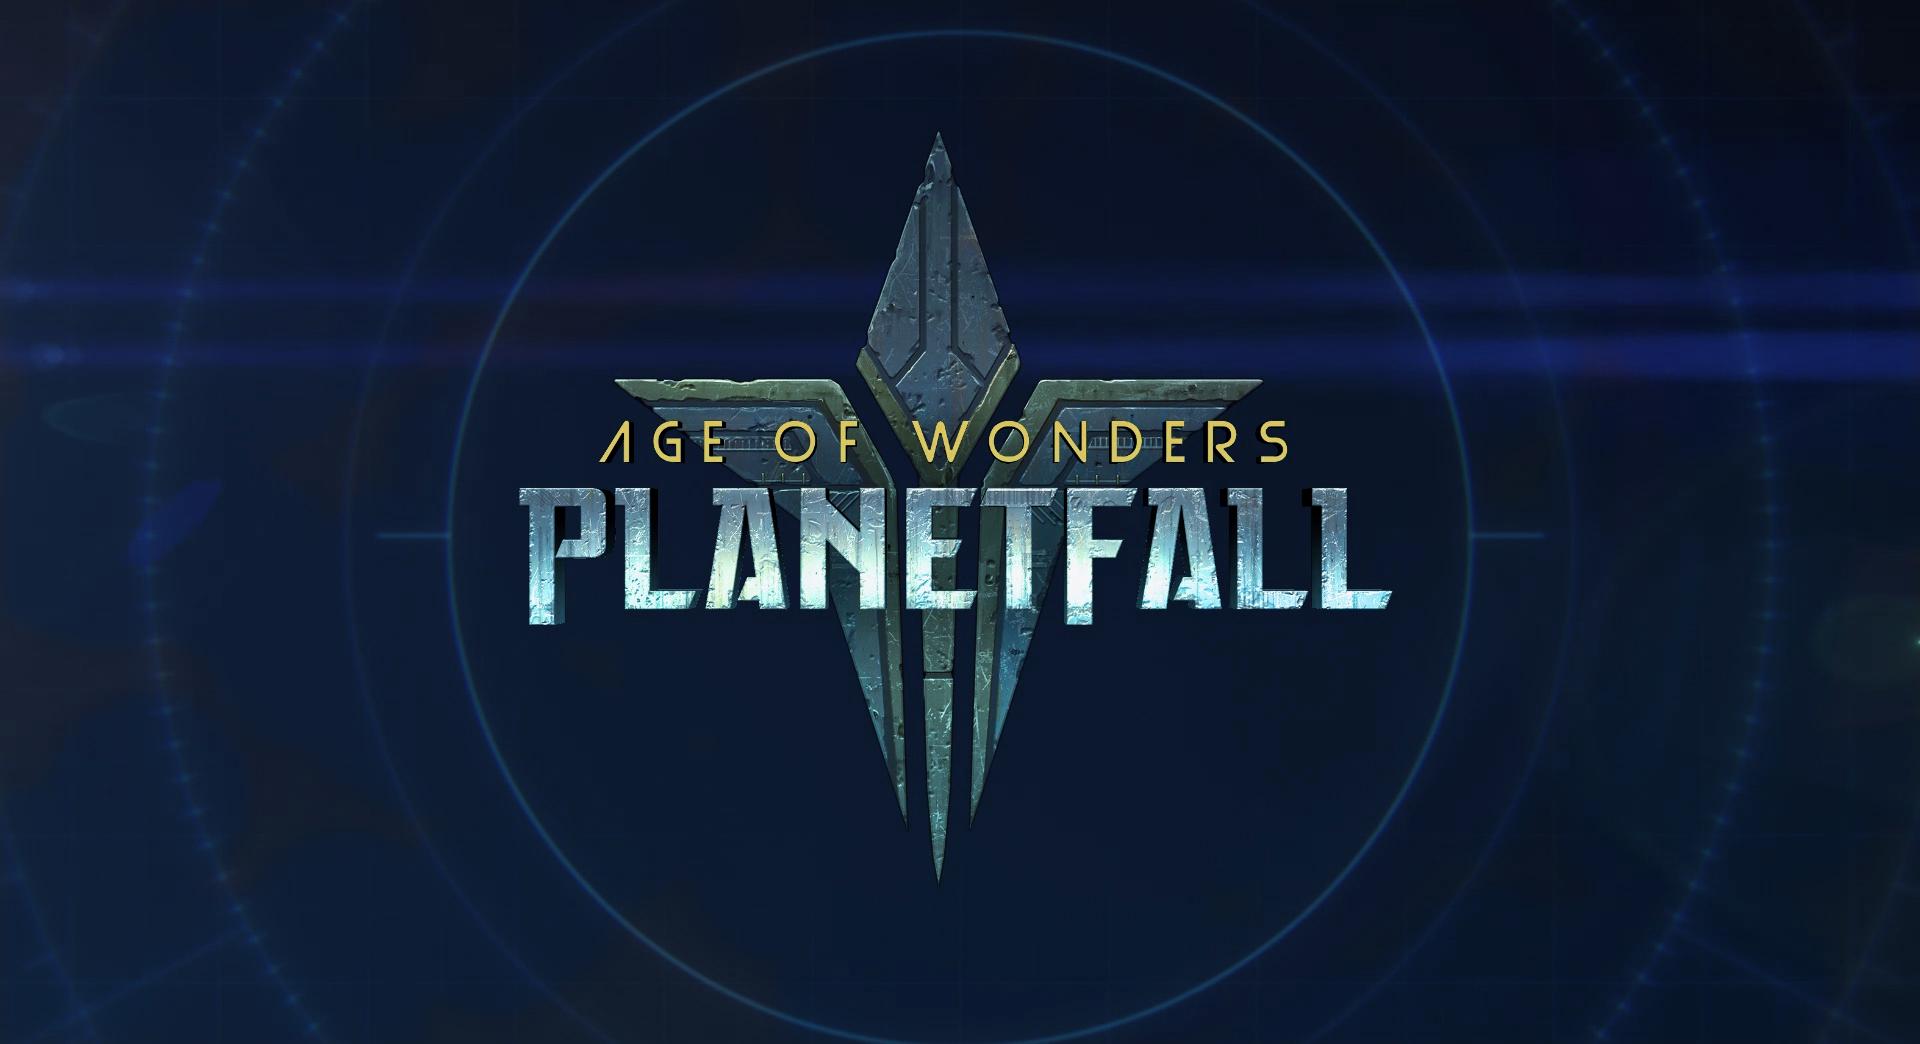 《奇蹟時代:行星隕落》:值得一玩的4X作品